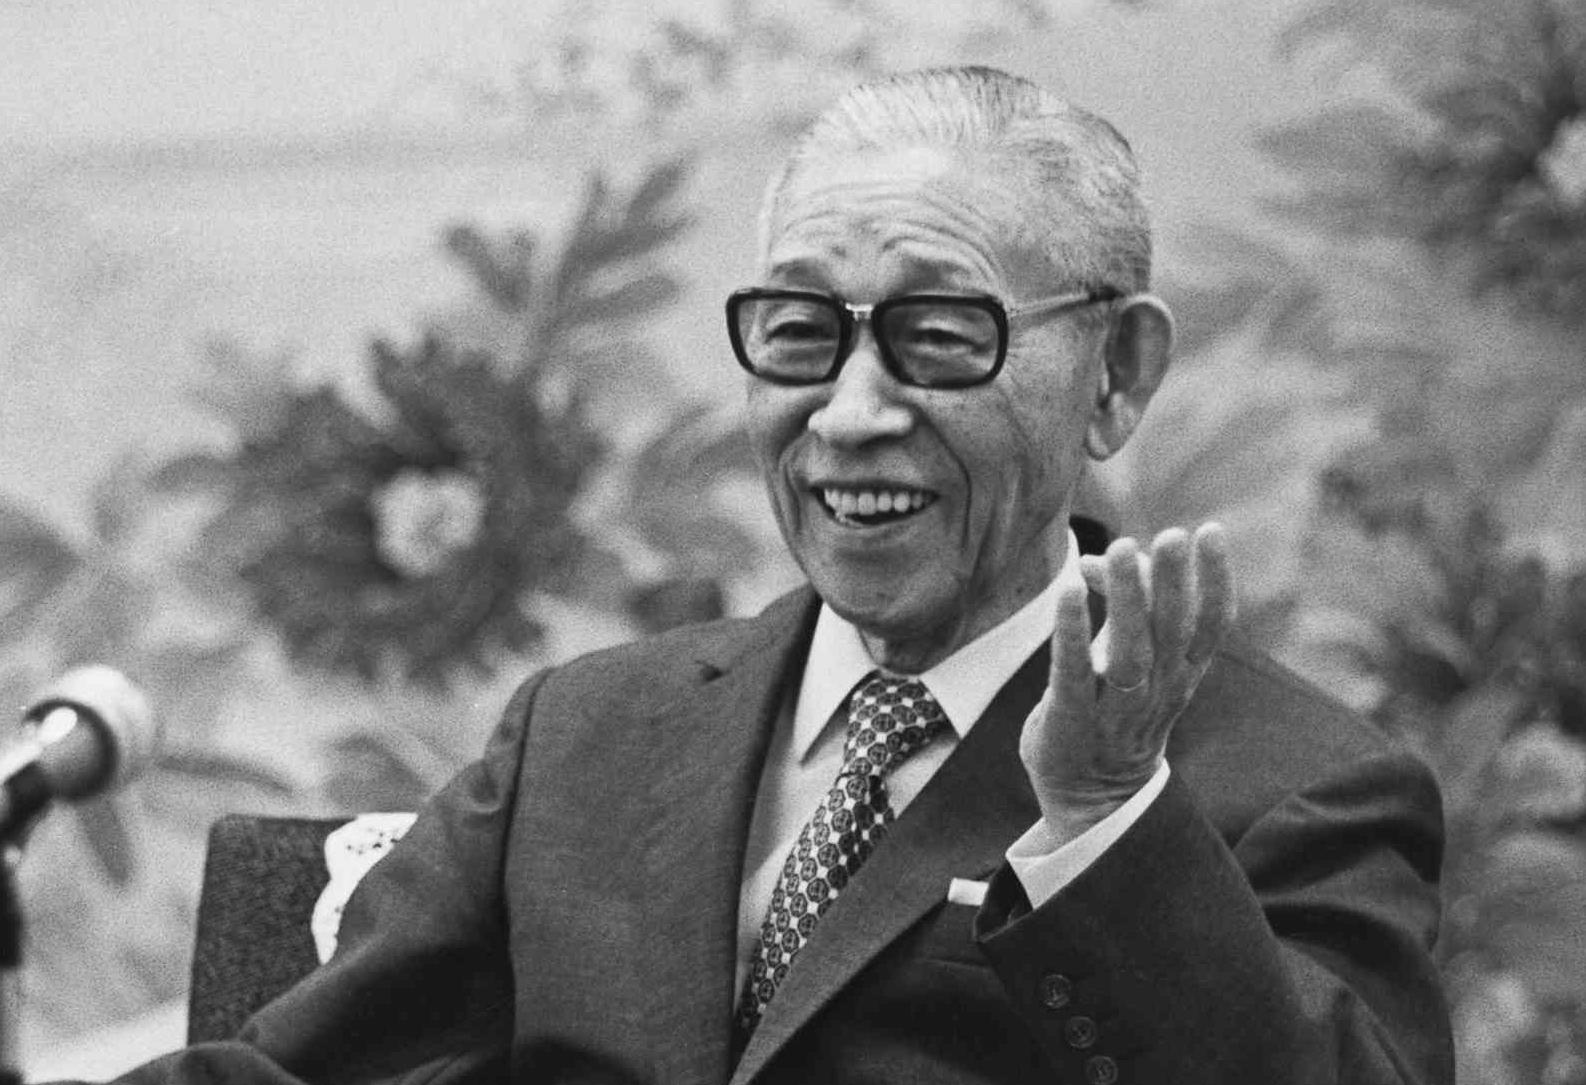 نتيجة بحث الصور عن كونوسوكي ماتسوشيتا